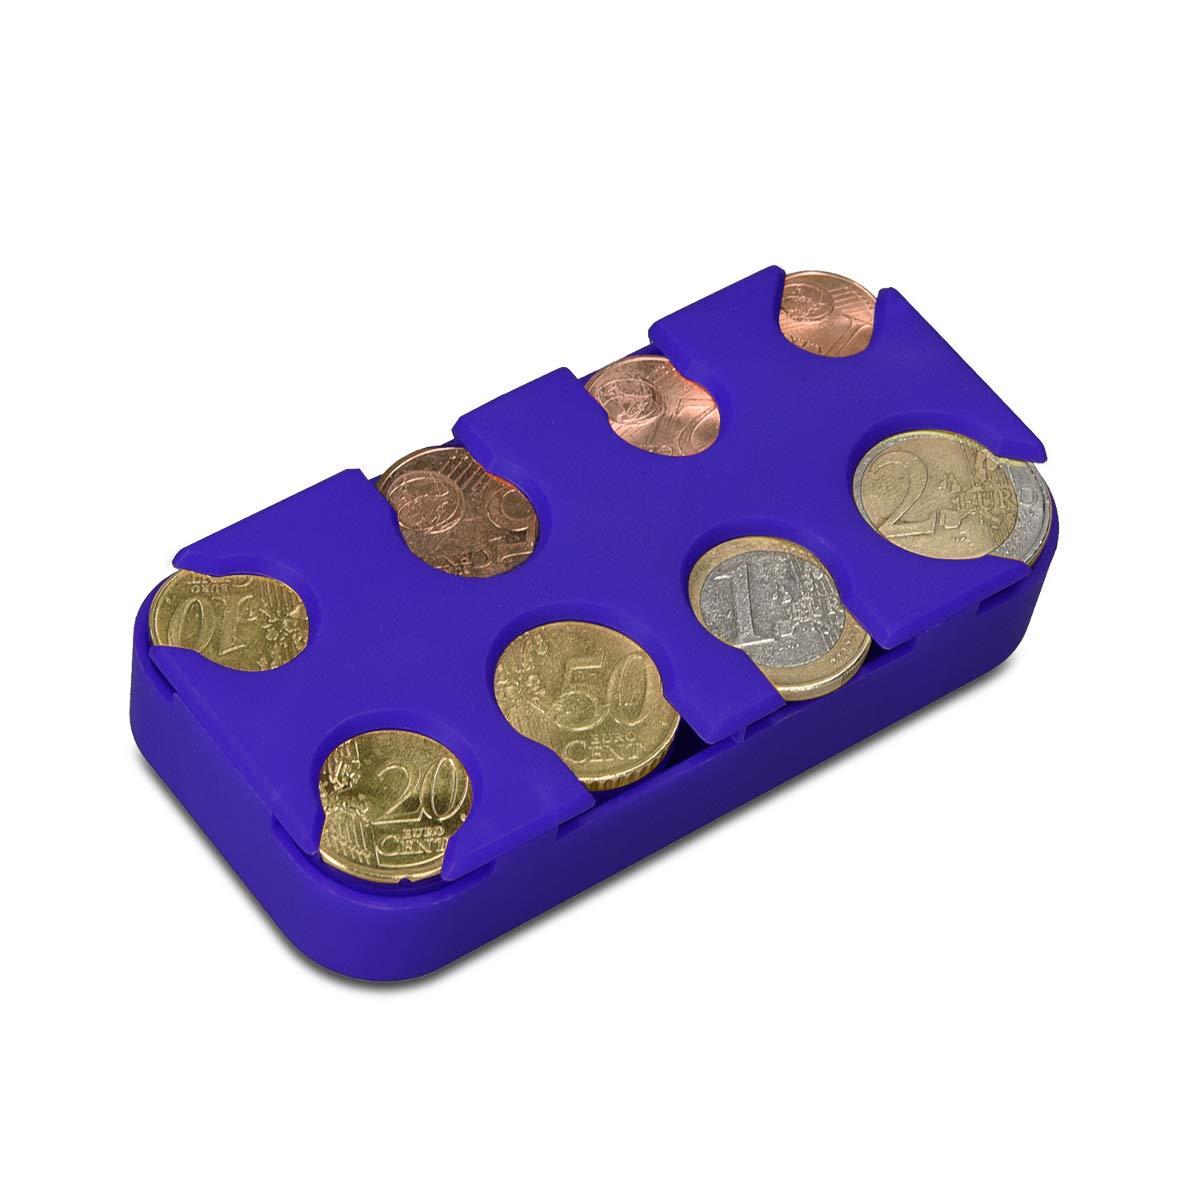 kwmobile Scatola Portamonete 8 Scomparti Box Organizer Porta Monete a Molla nero Slot x8 Monete da 1 Centesimo a 2 Euro